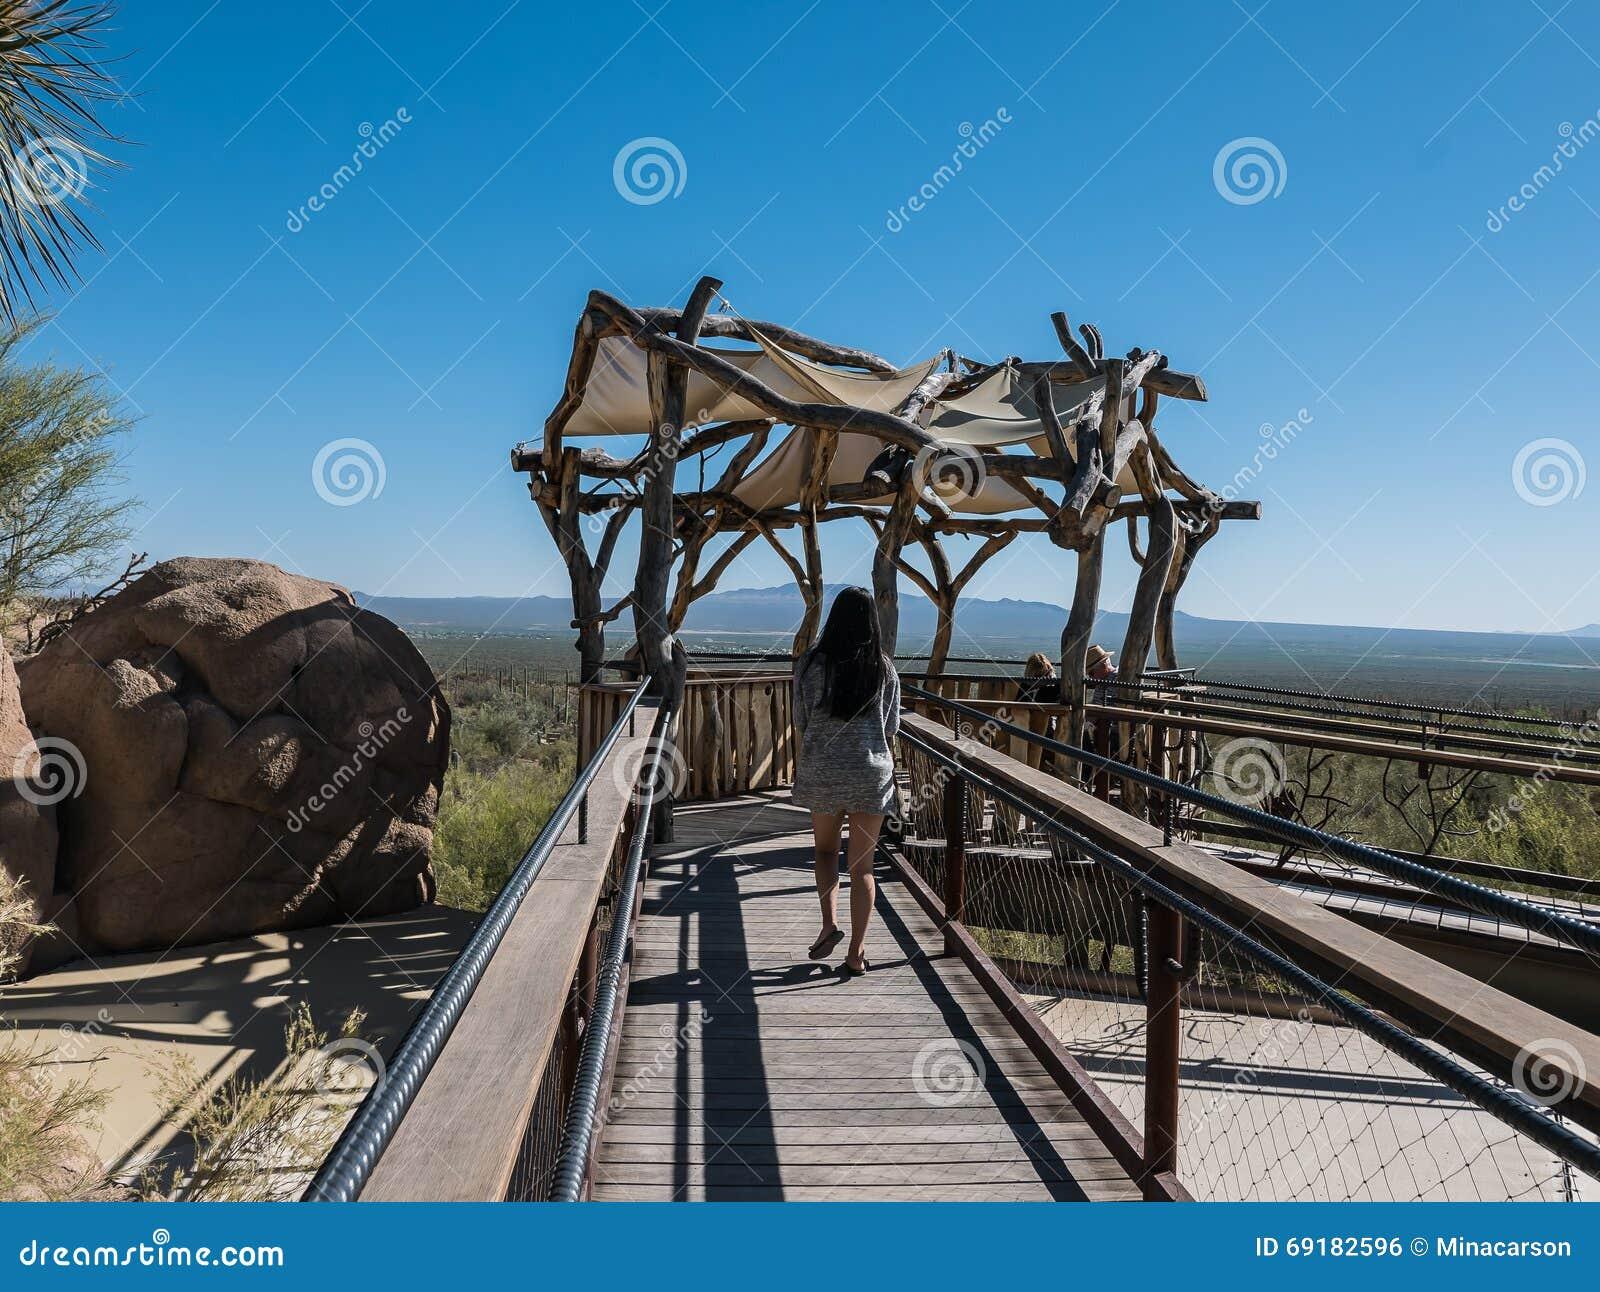 Los visitantes gozan del desierto de desatención sombreado de la plataforma de observación